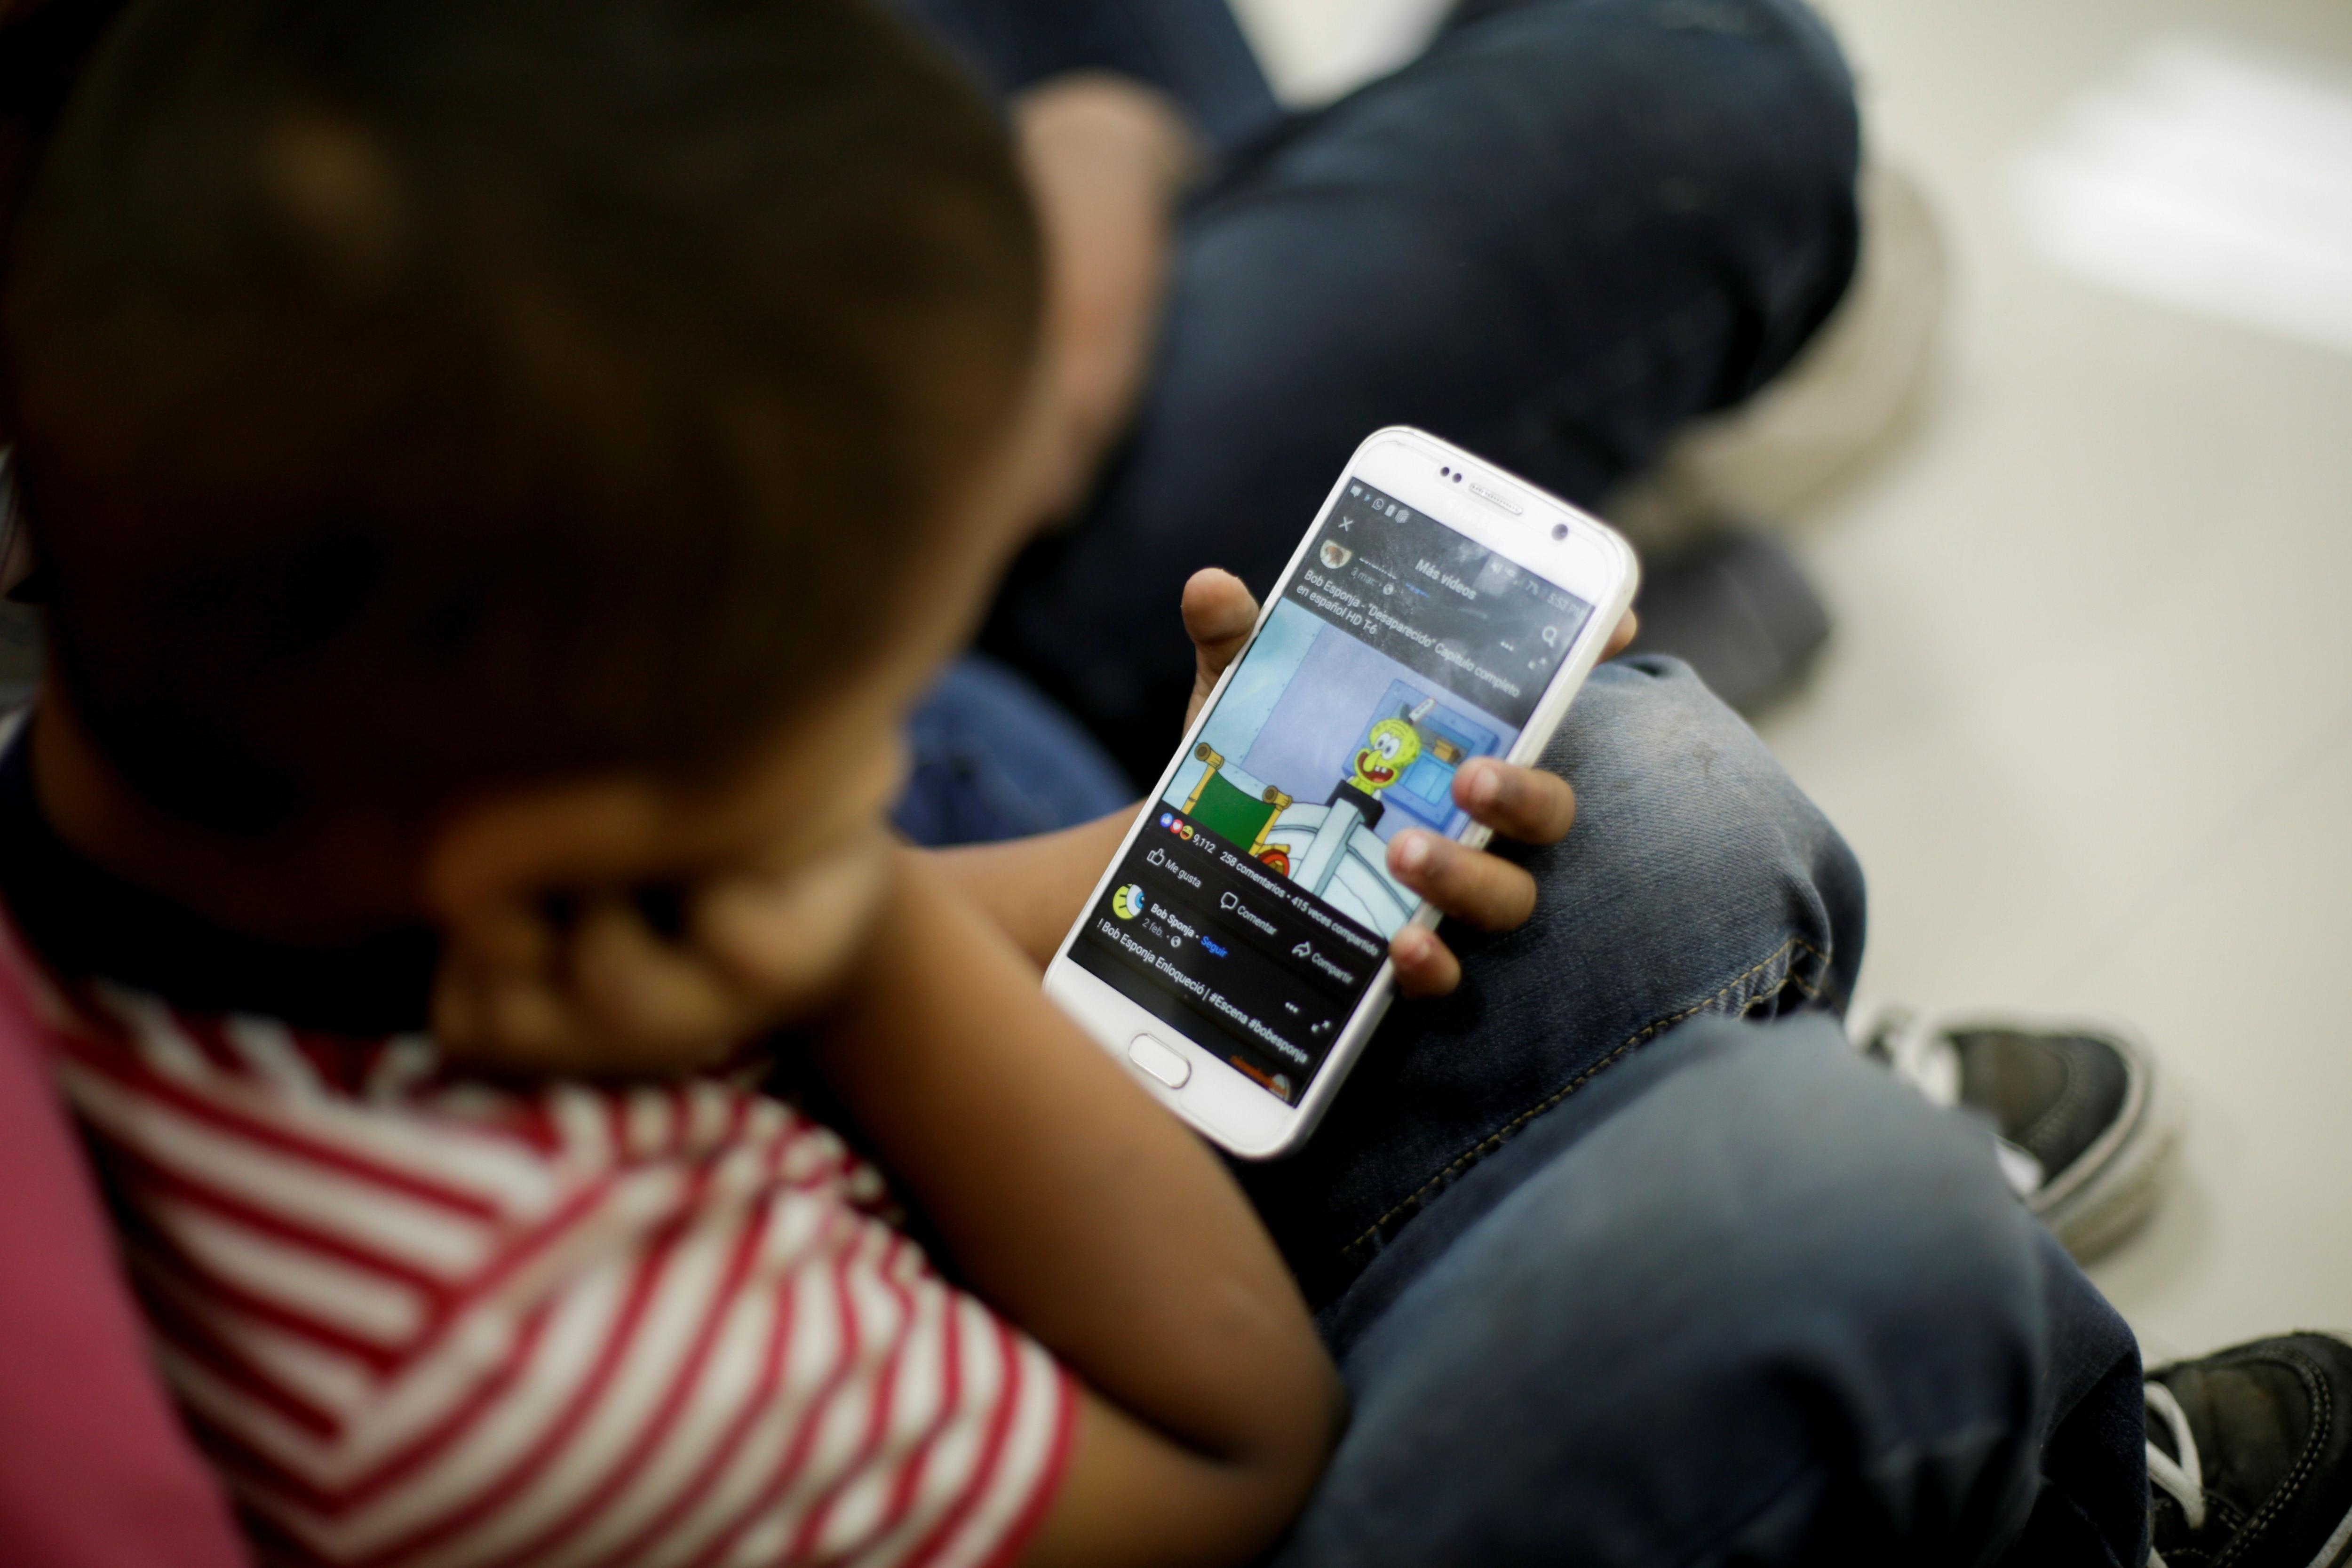 El 85% de los padres están preocupados por el uso de aplicaciones, juegos y plataformas de redes sociales por parte de sus hijos (Reuters)